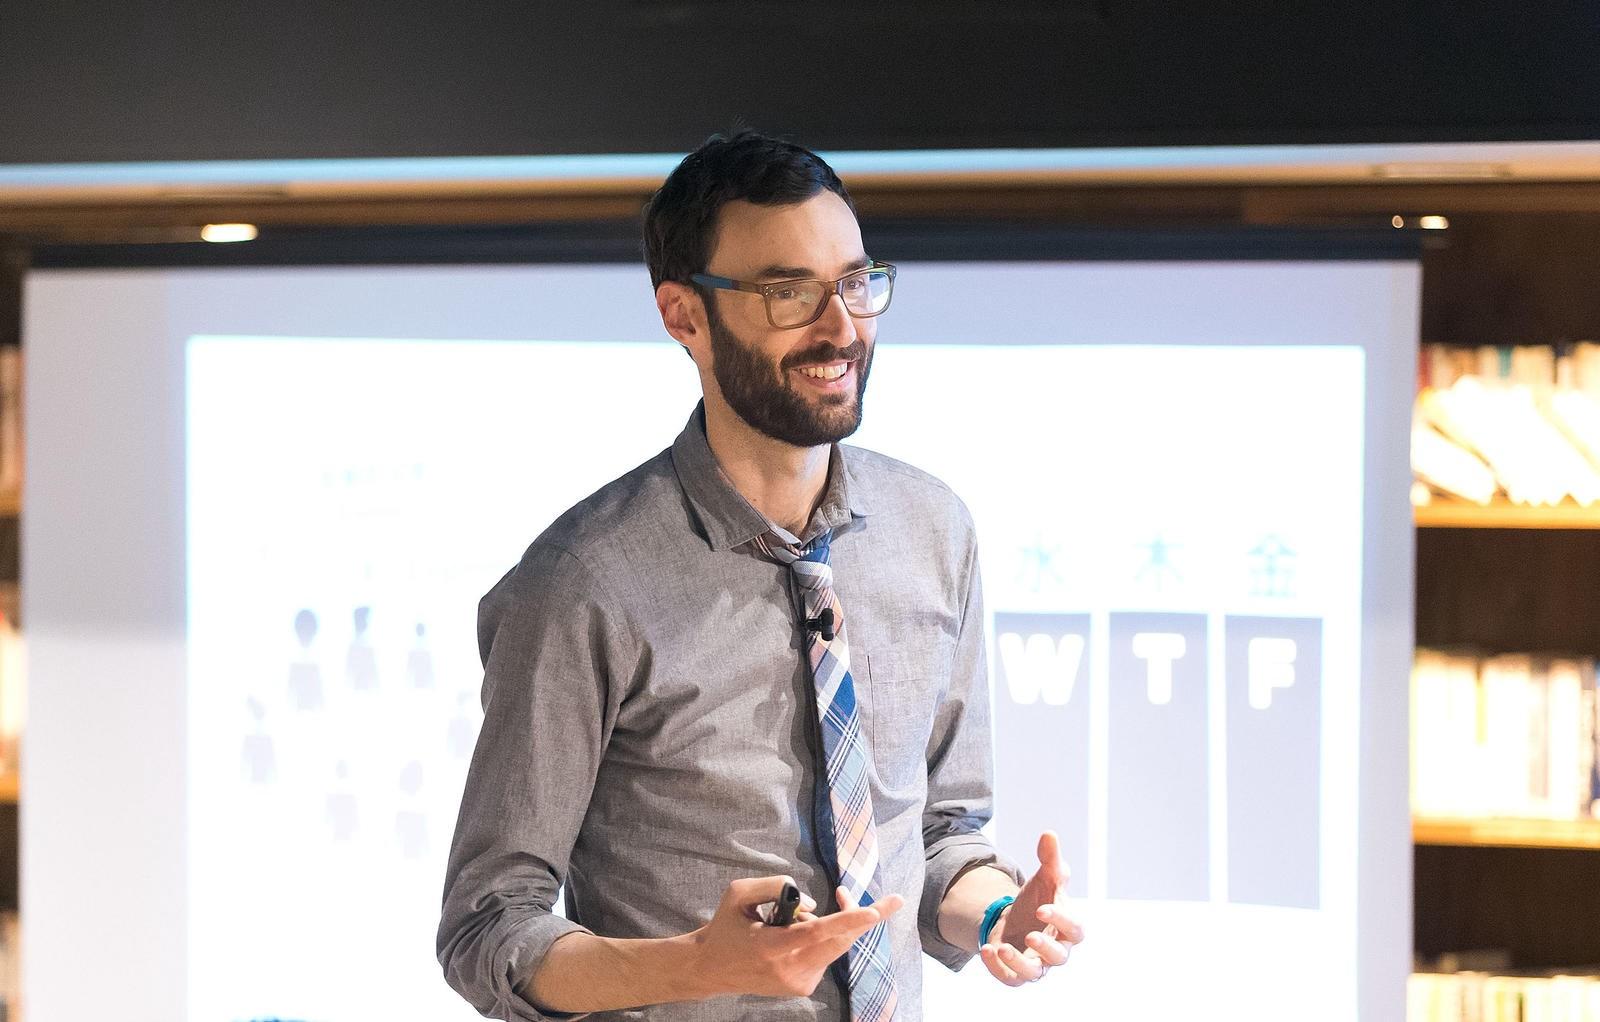 Design Sprint Inventor Jake Knapp on How Good Design Story Gets You Hired